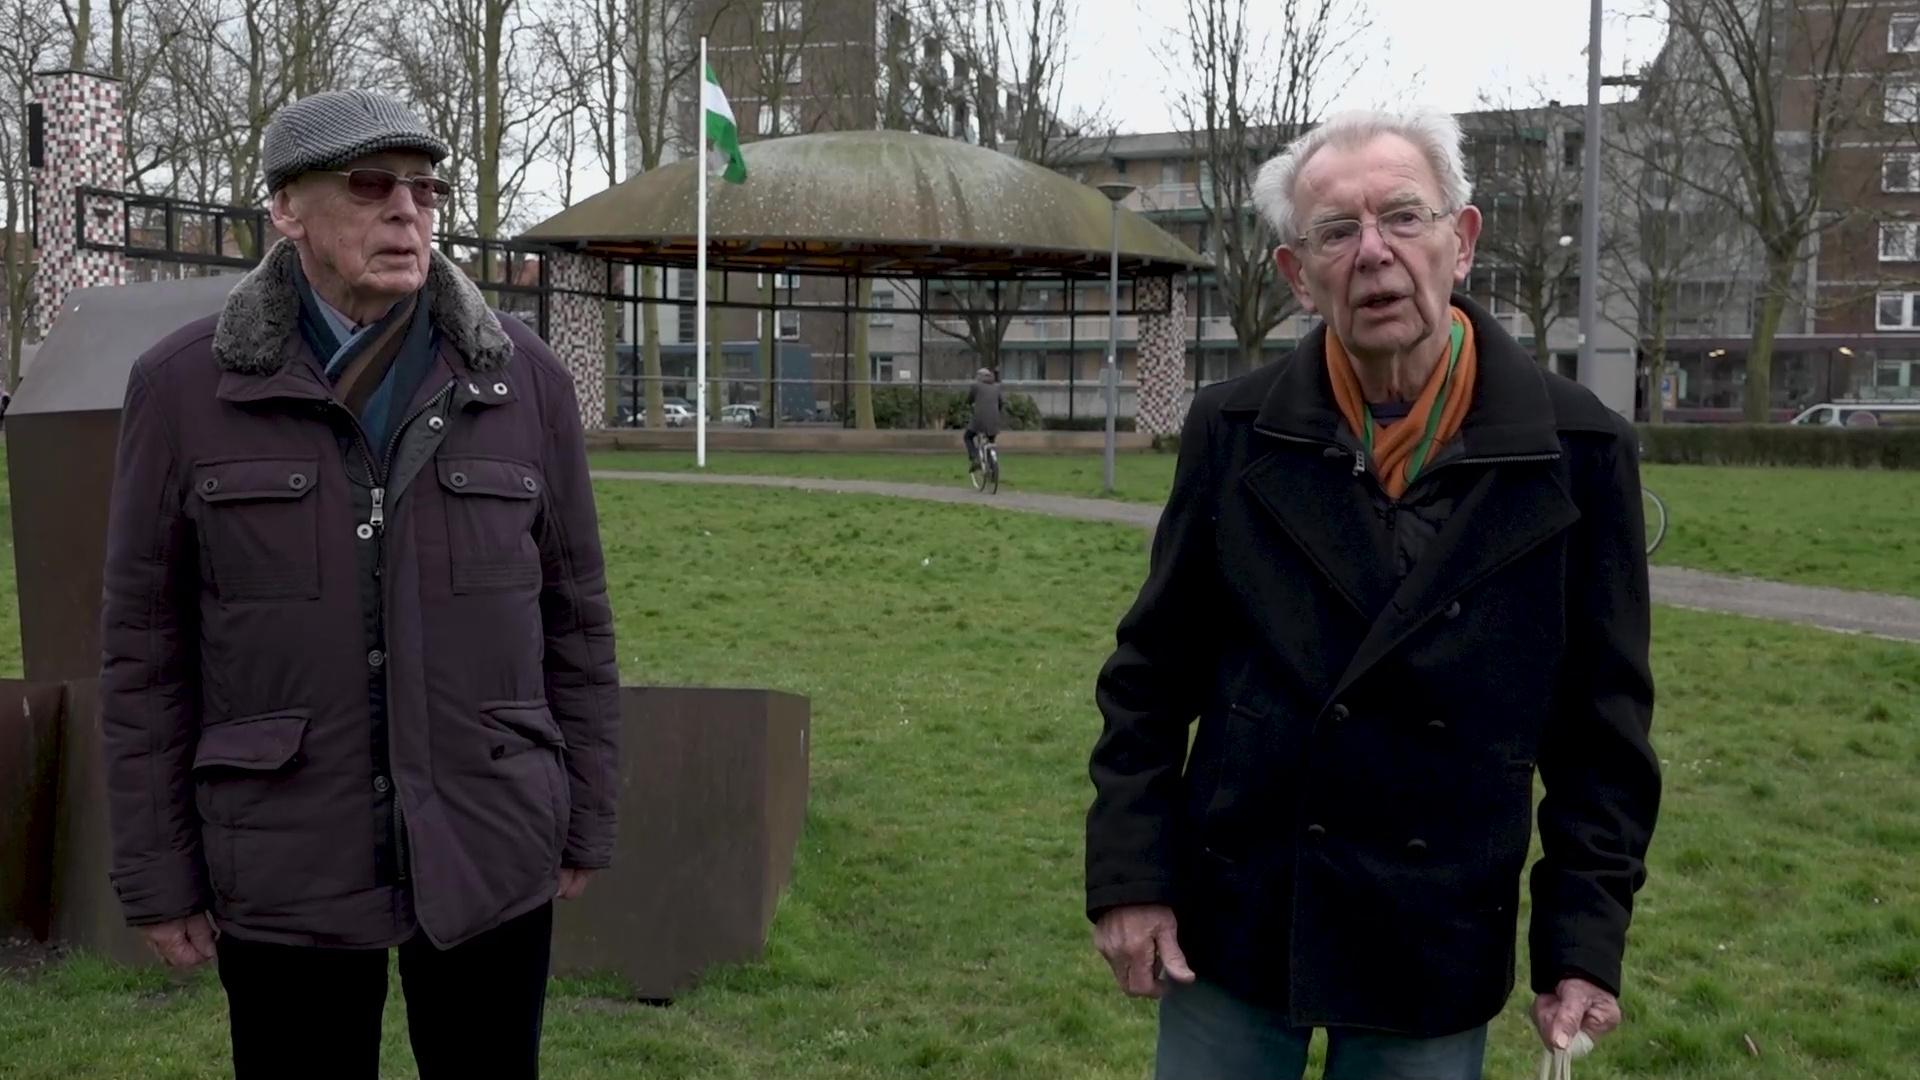 Bob en Piet vluchtten voor hun leven tijdens het 'vergeten bombardement'